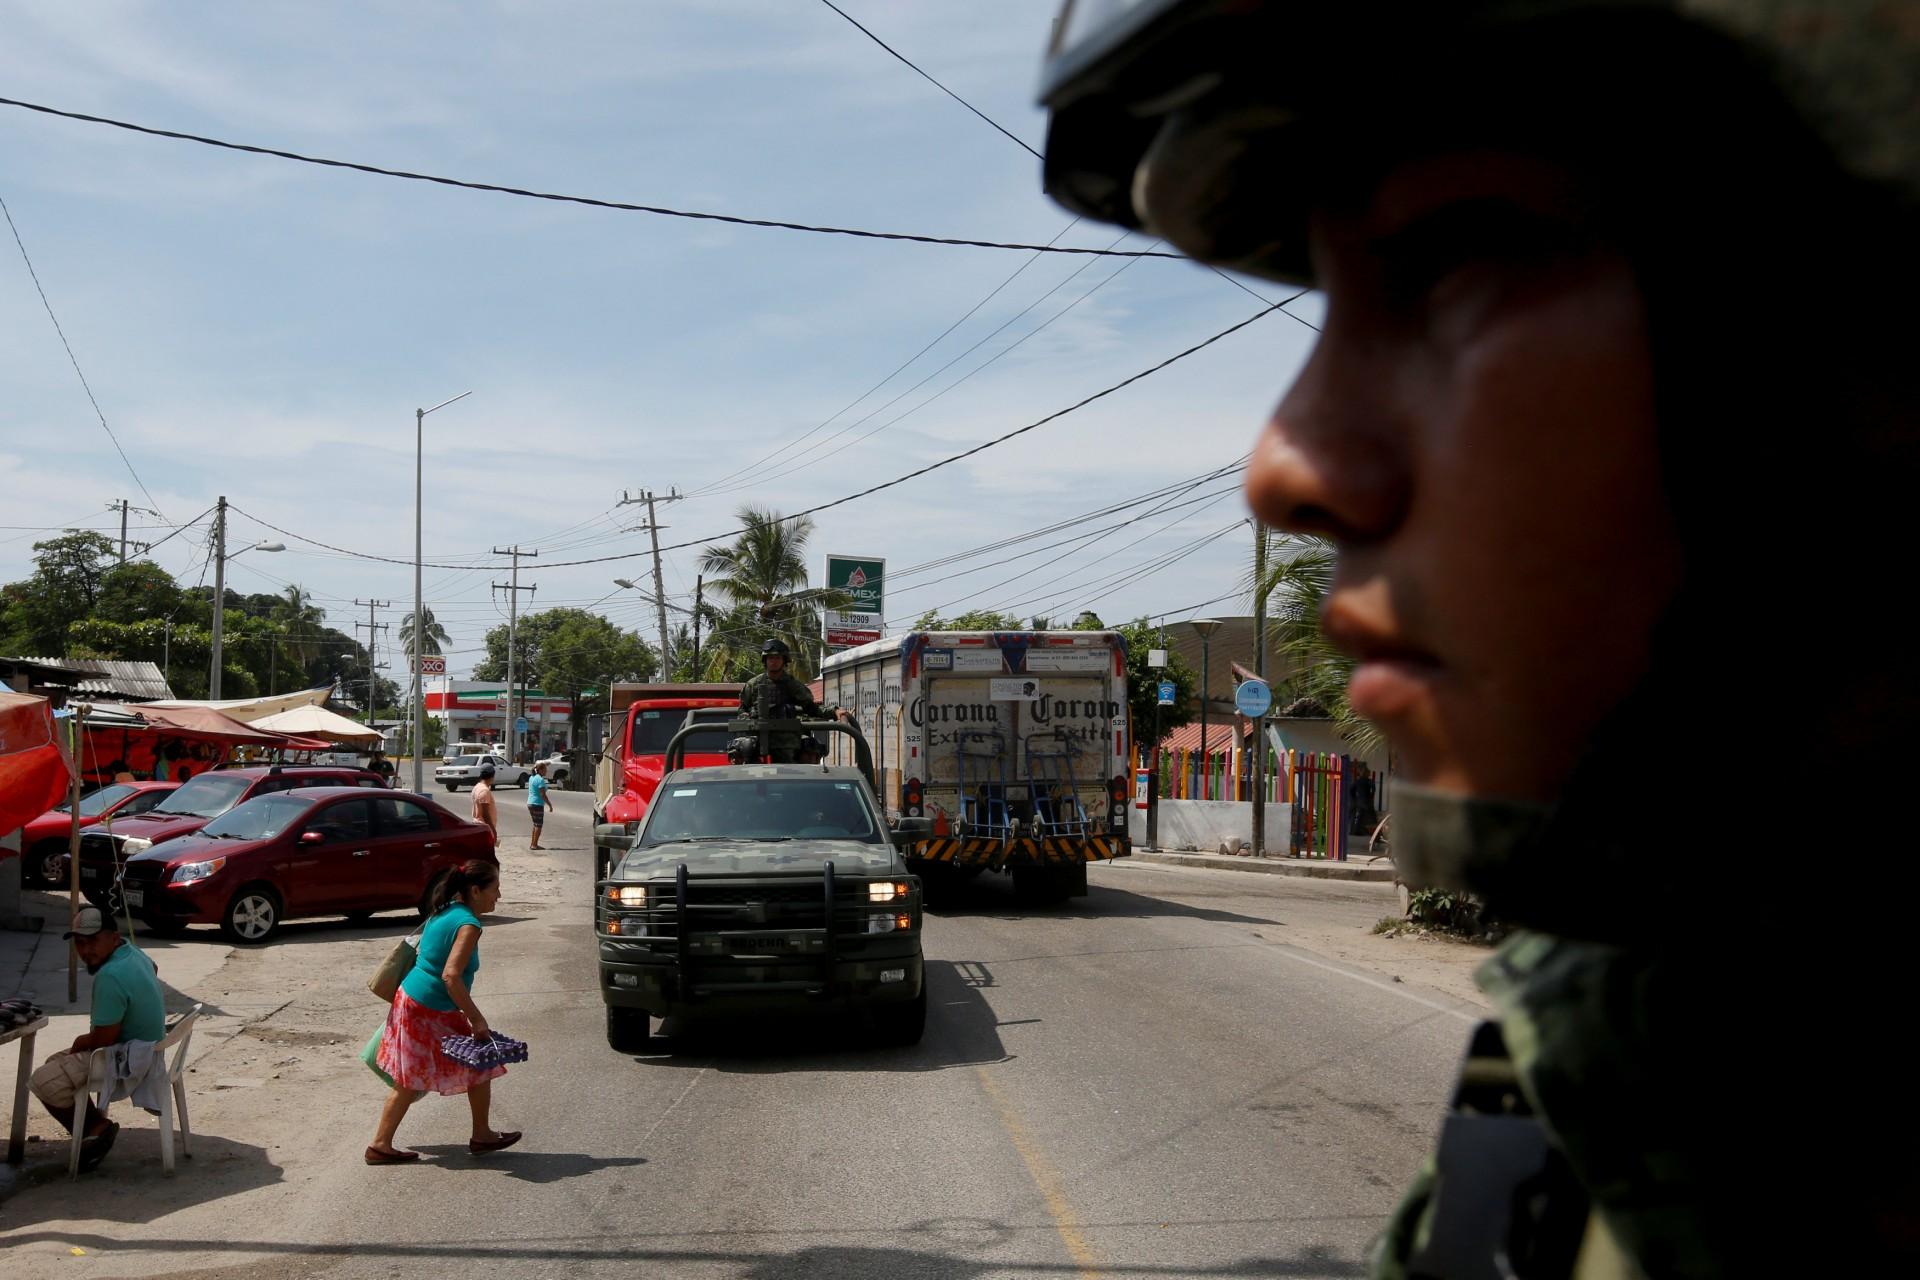 Soldados patrullan el área de camino a la Sierra Madre del Sur, en el estado sureño de Guerrero, México, el 24 de agosto de 2018.